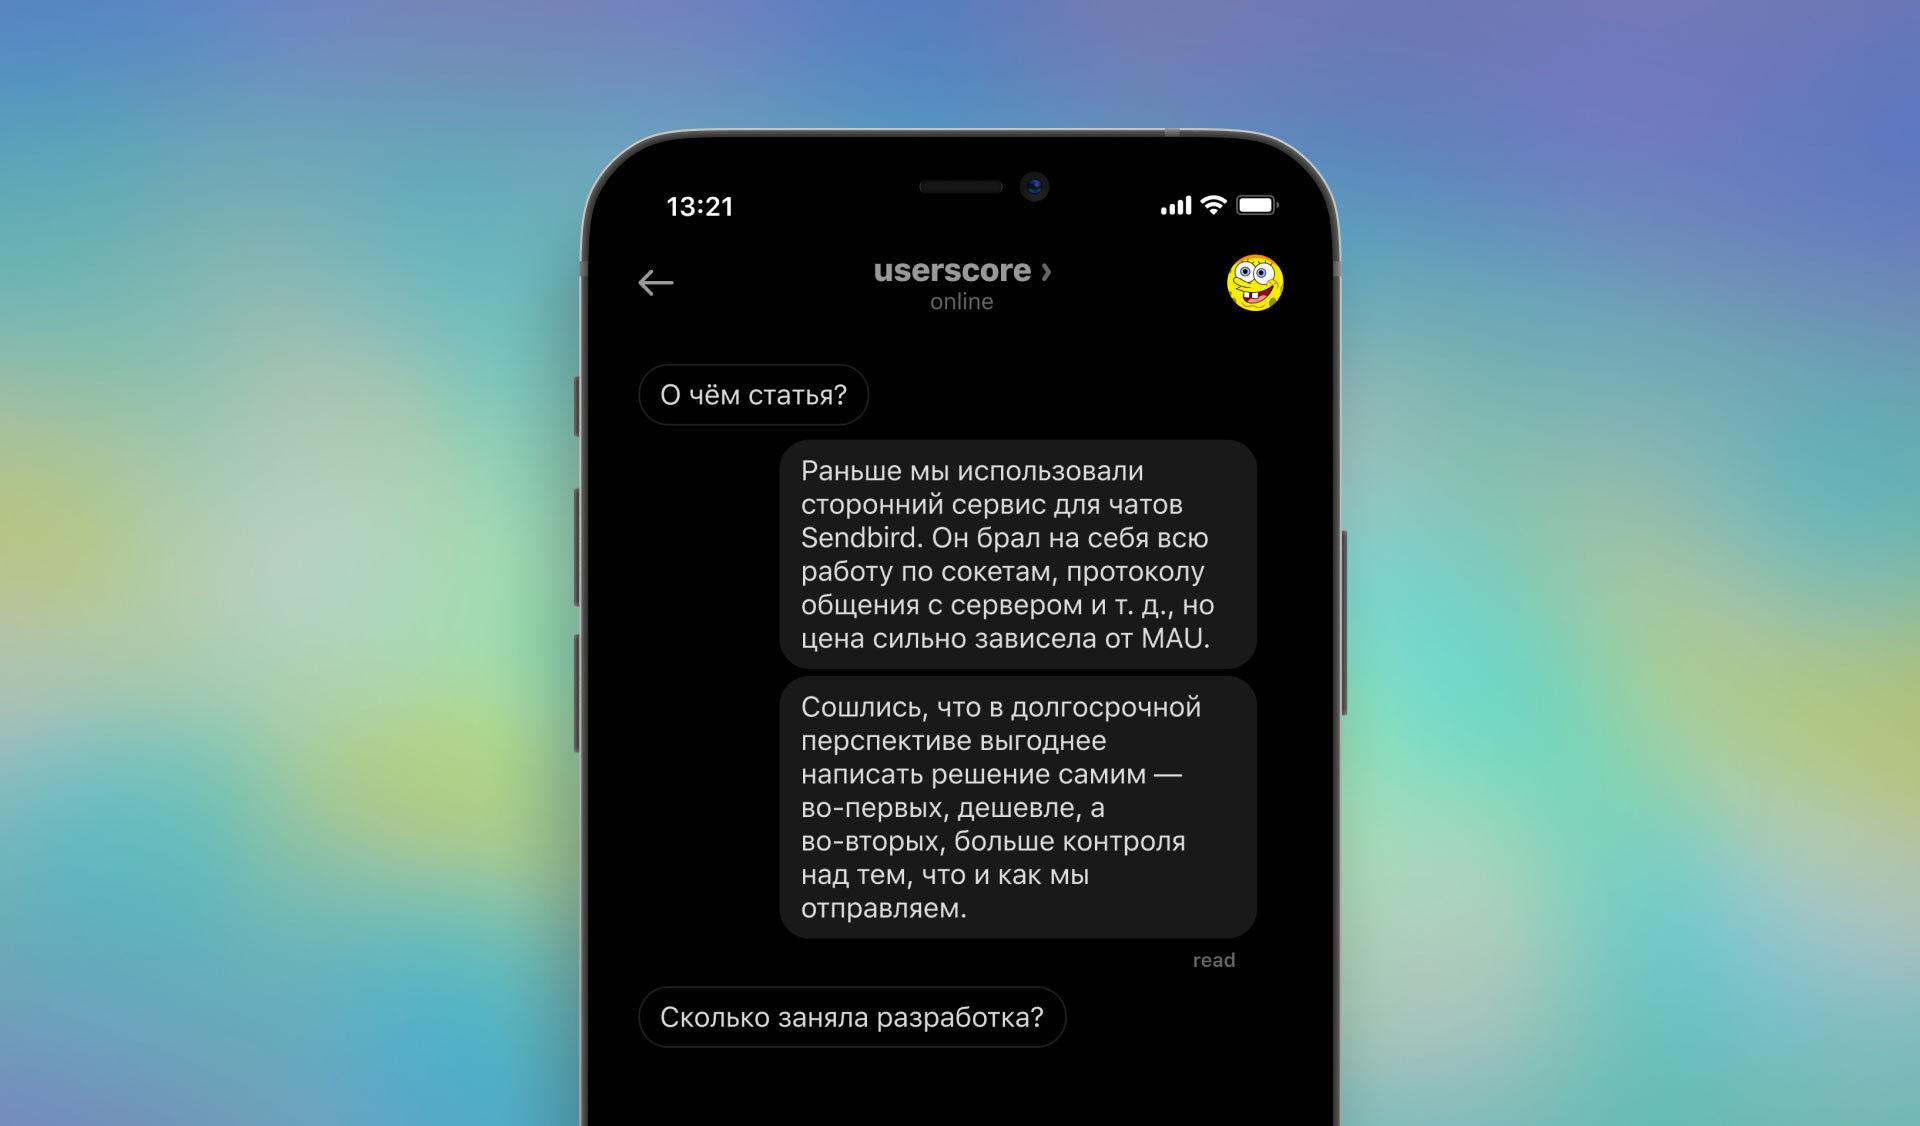 Чаты на вебсокетах в iOS, если у вас WAMP - 1